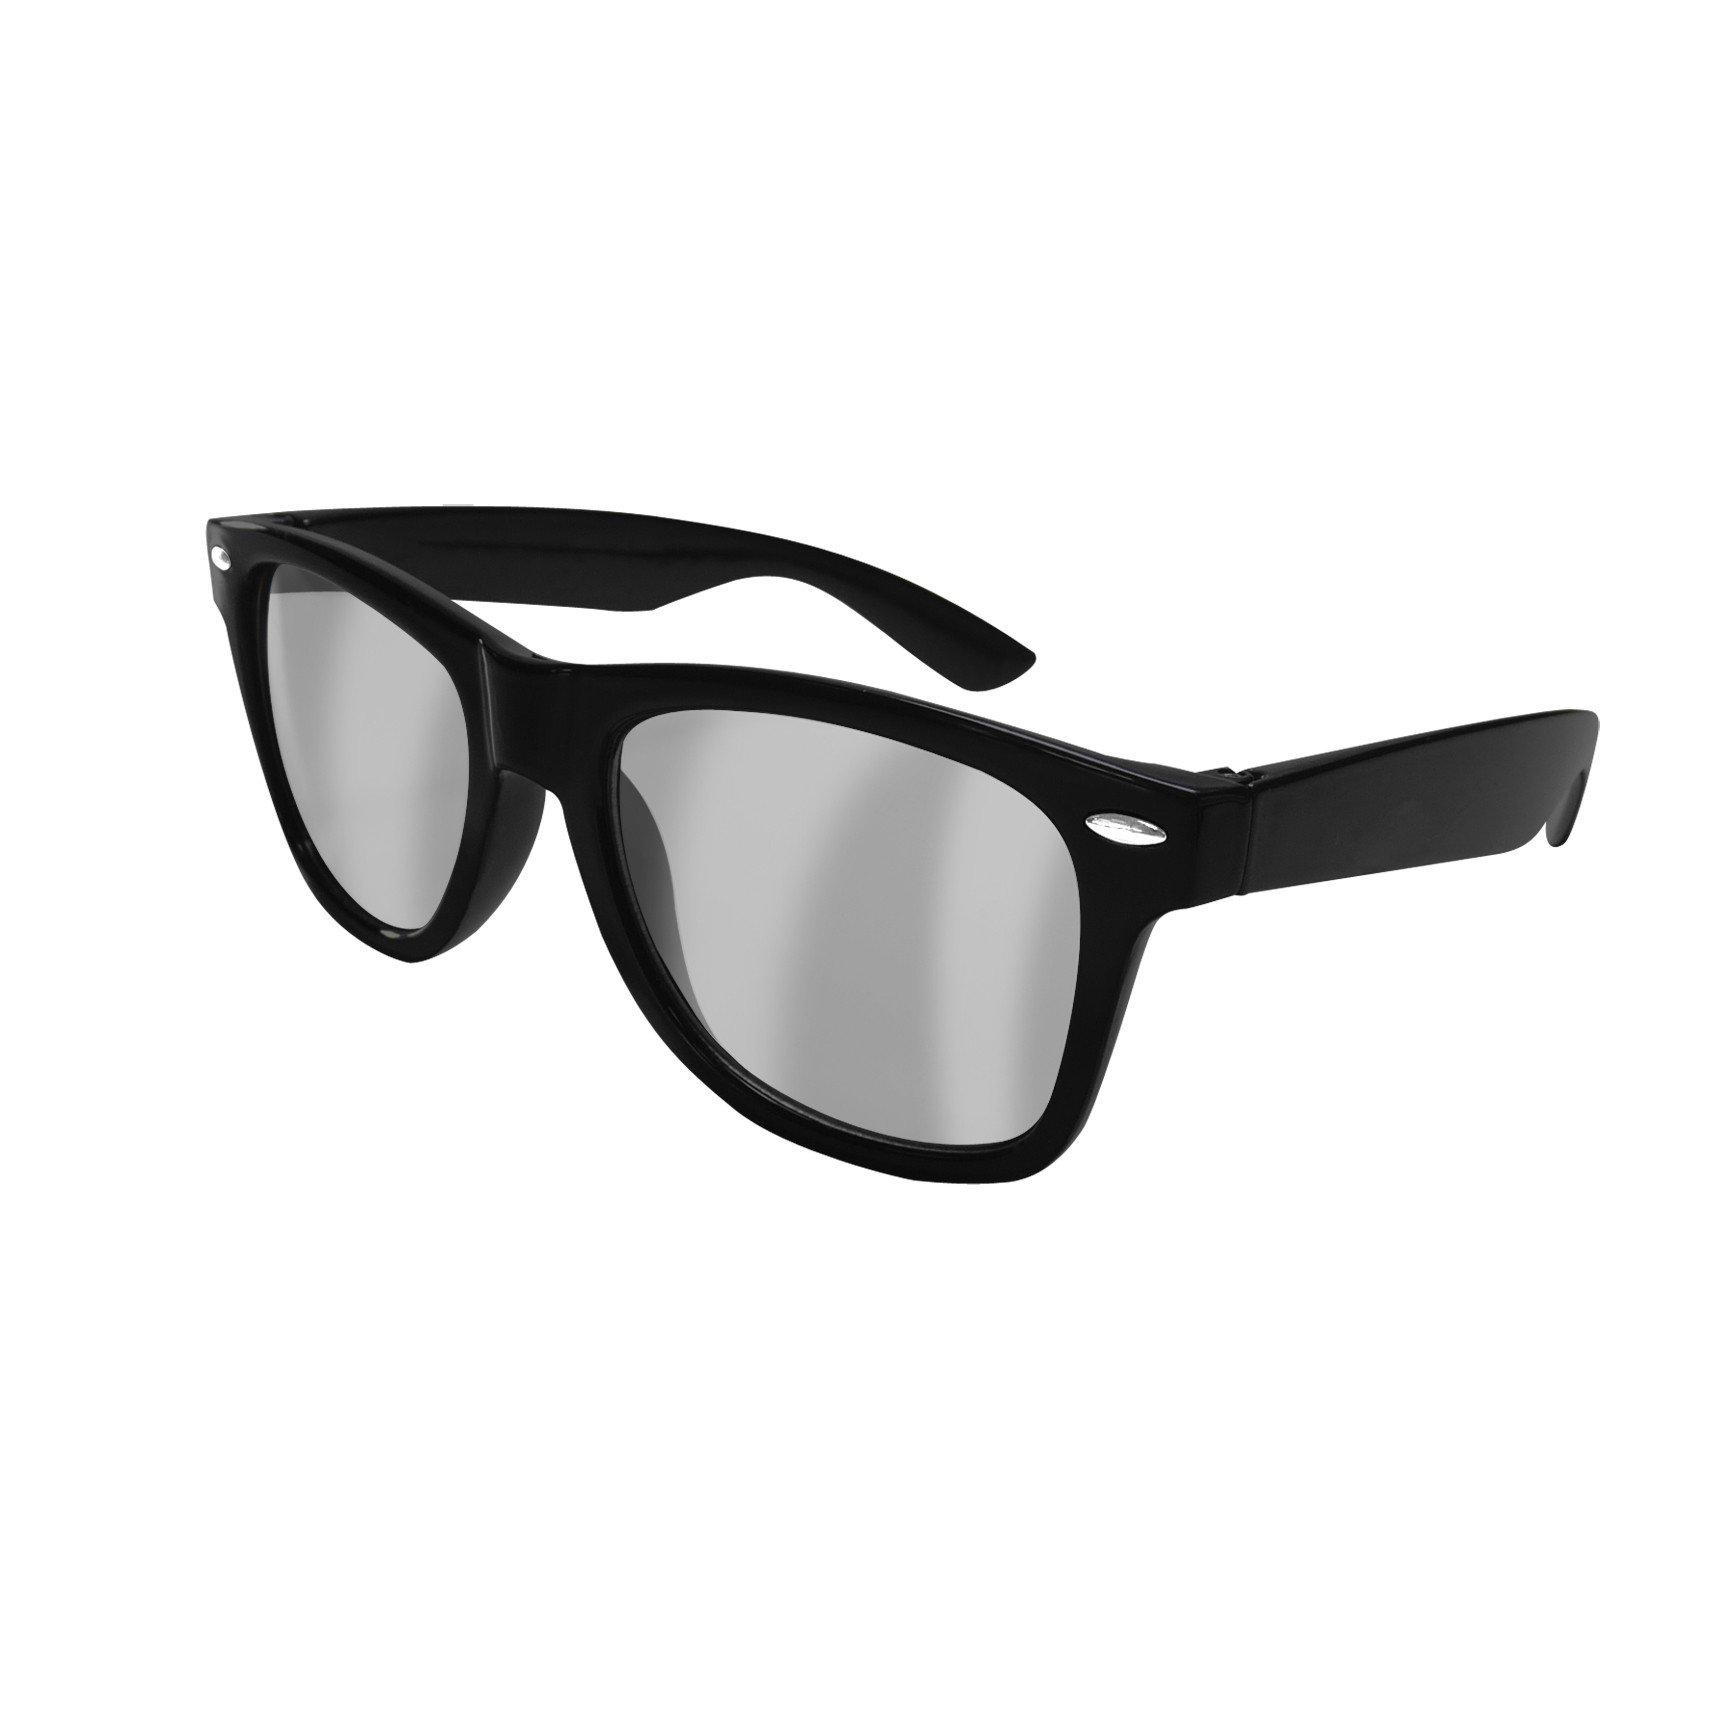 Gafas gaming retro protecci n uv - Gafas de proteccion ...